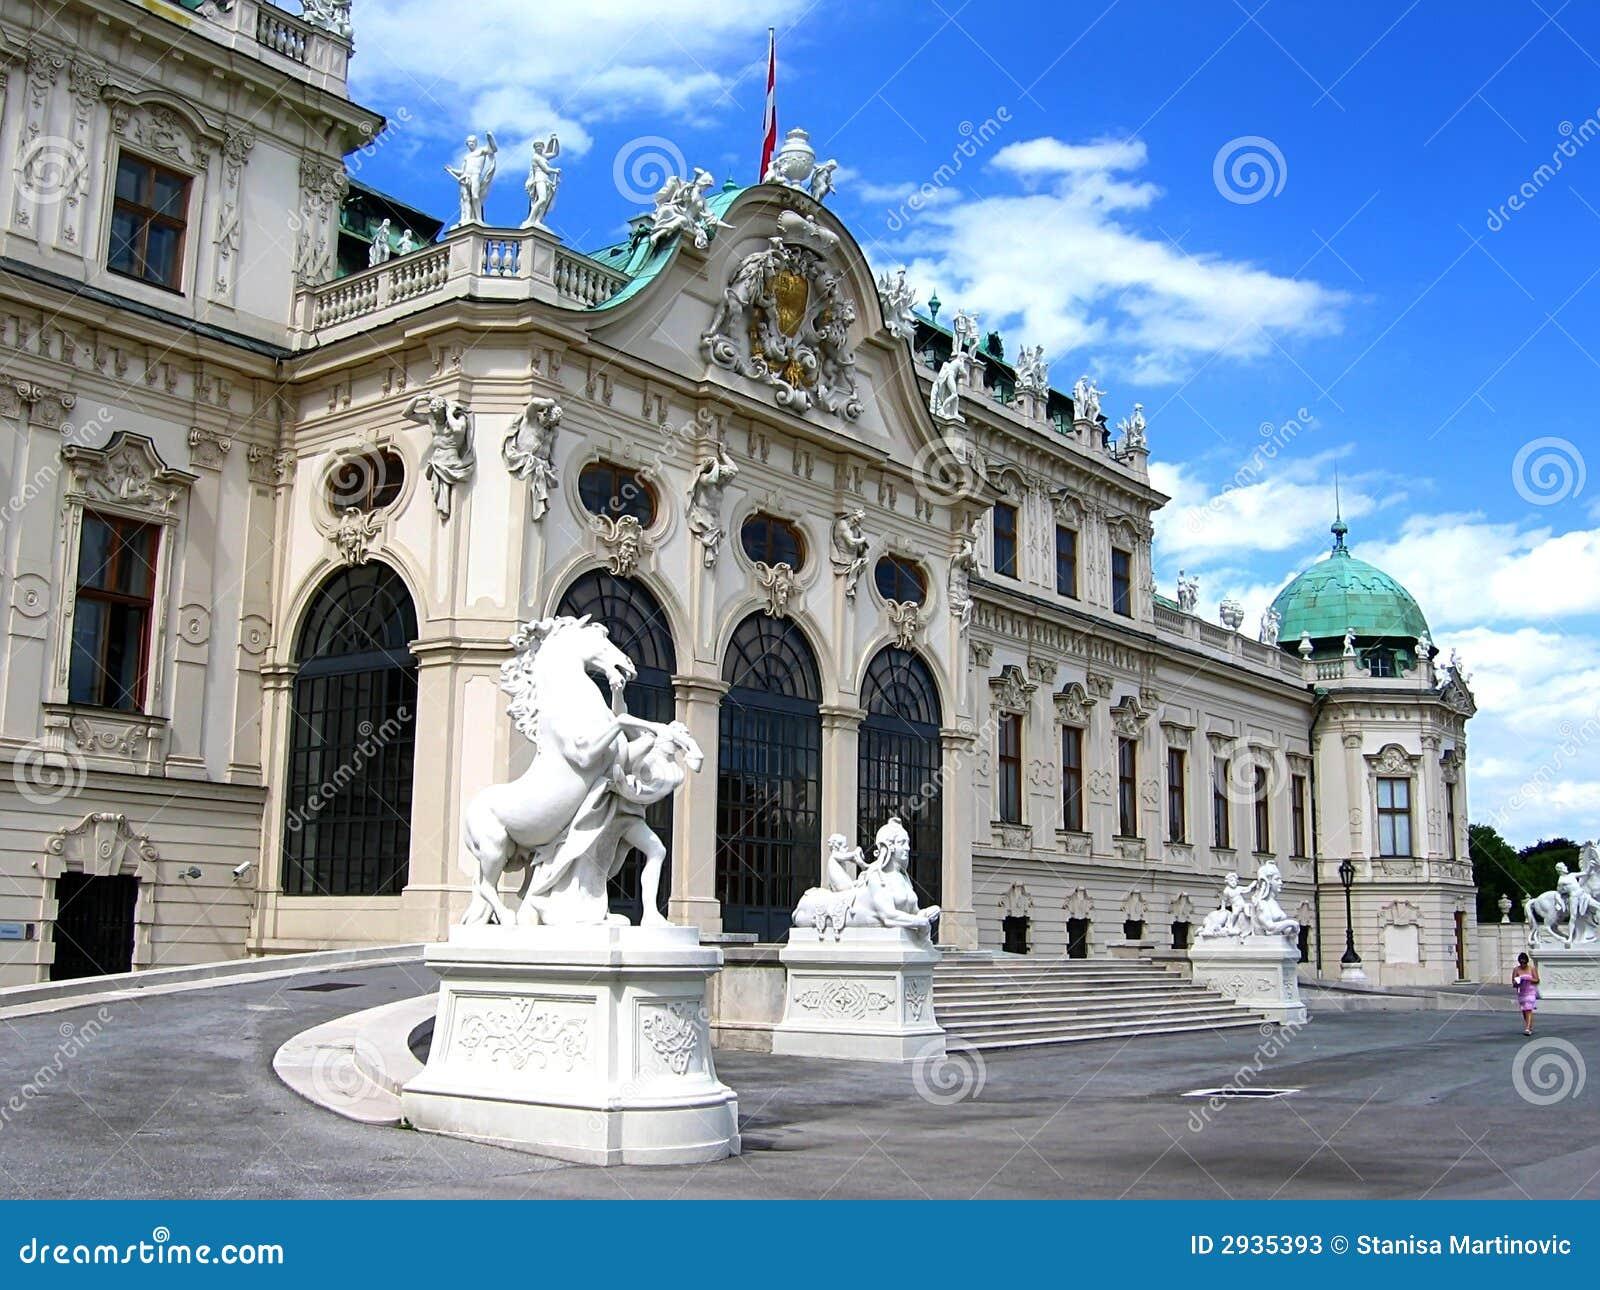 Palácio do Belvedere em Viena